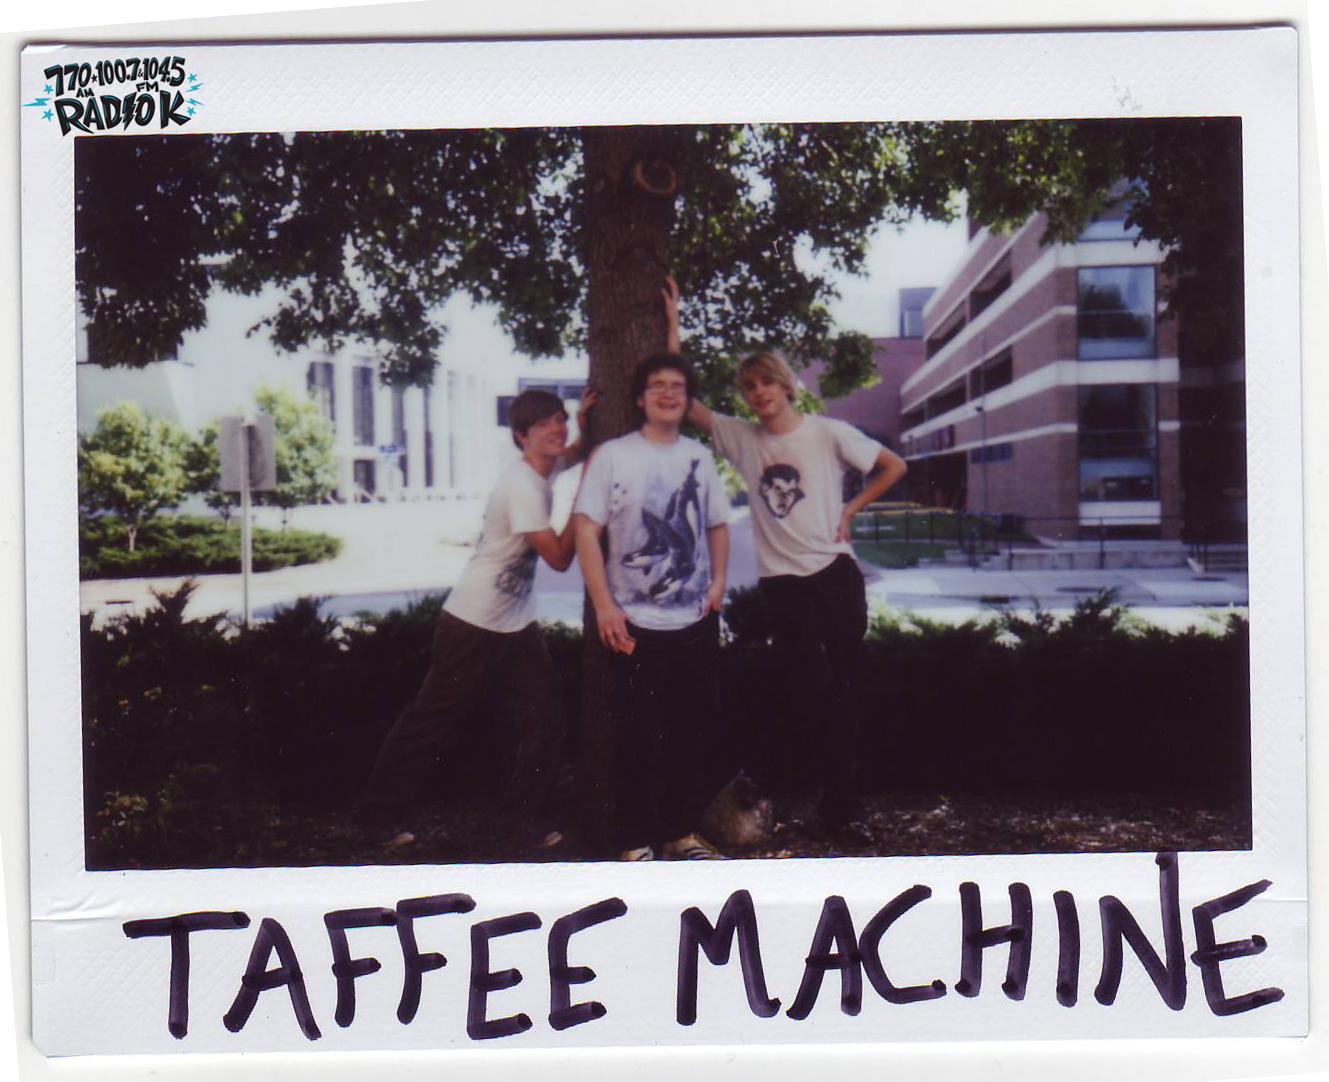 Taffee Machine